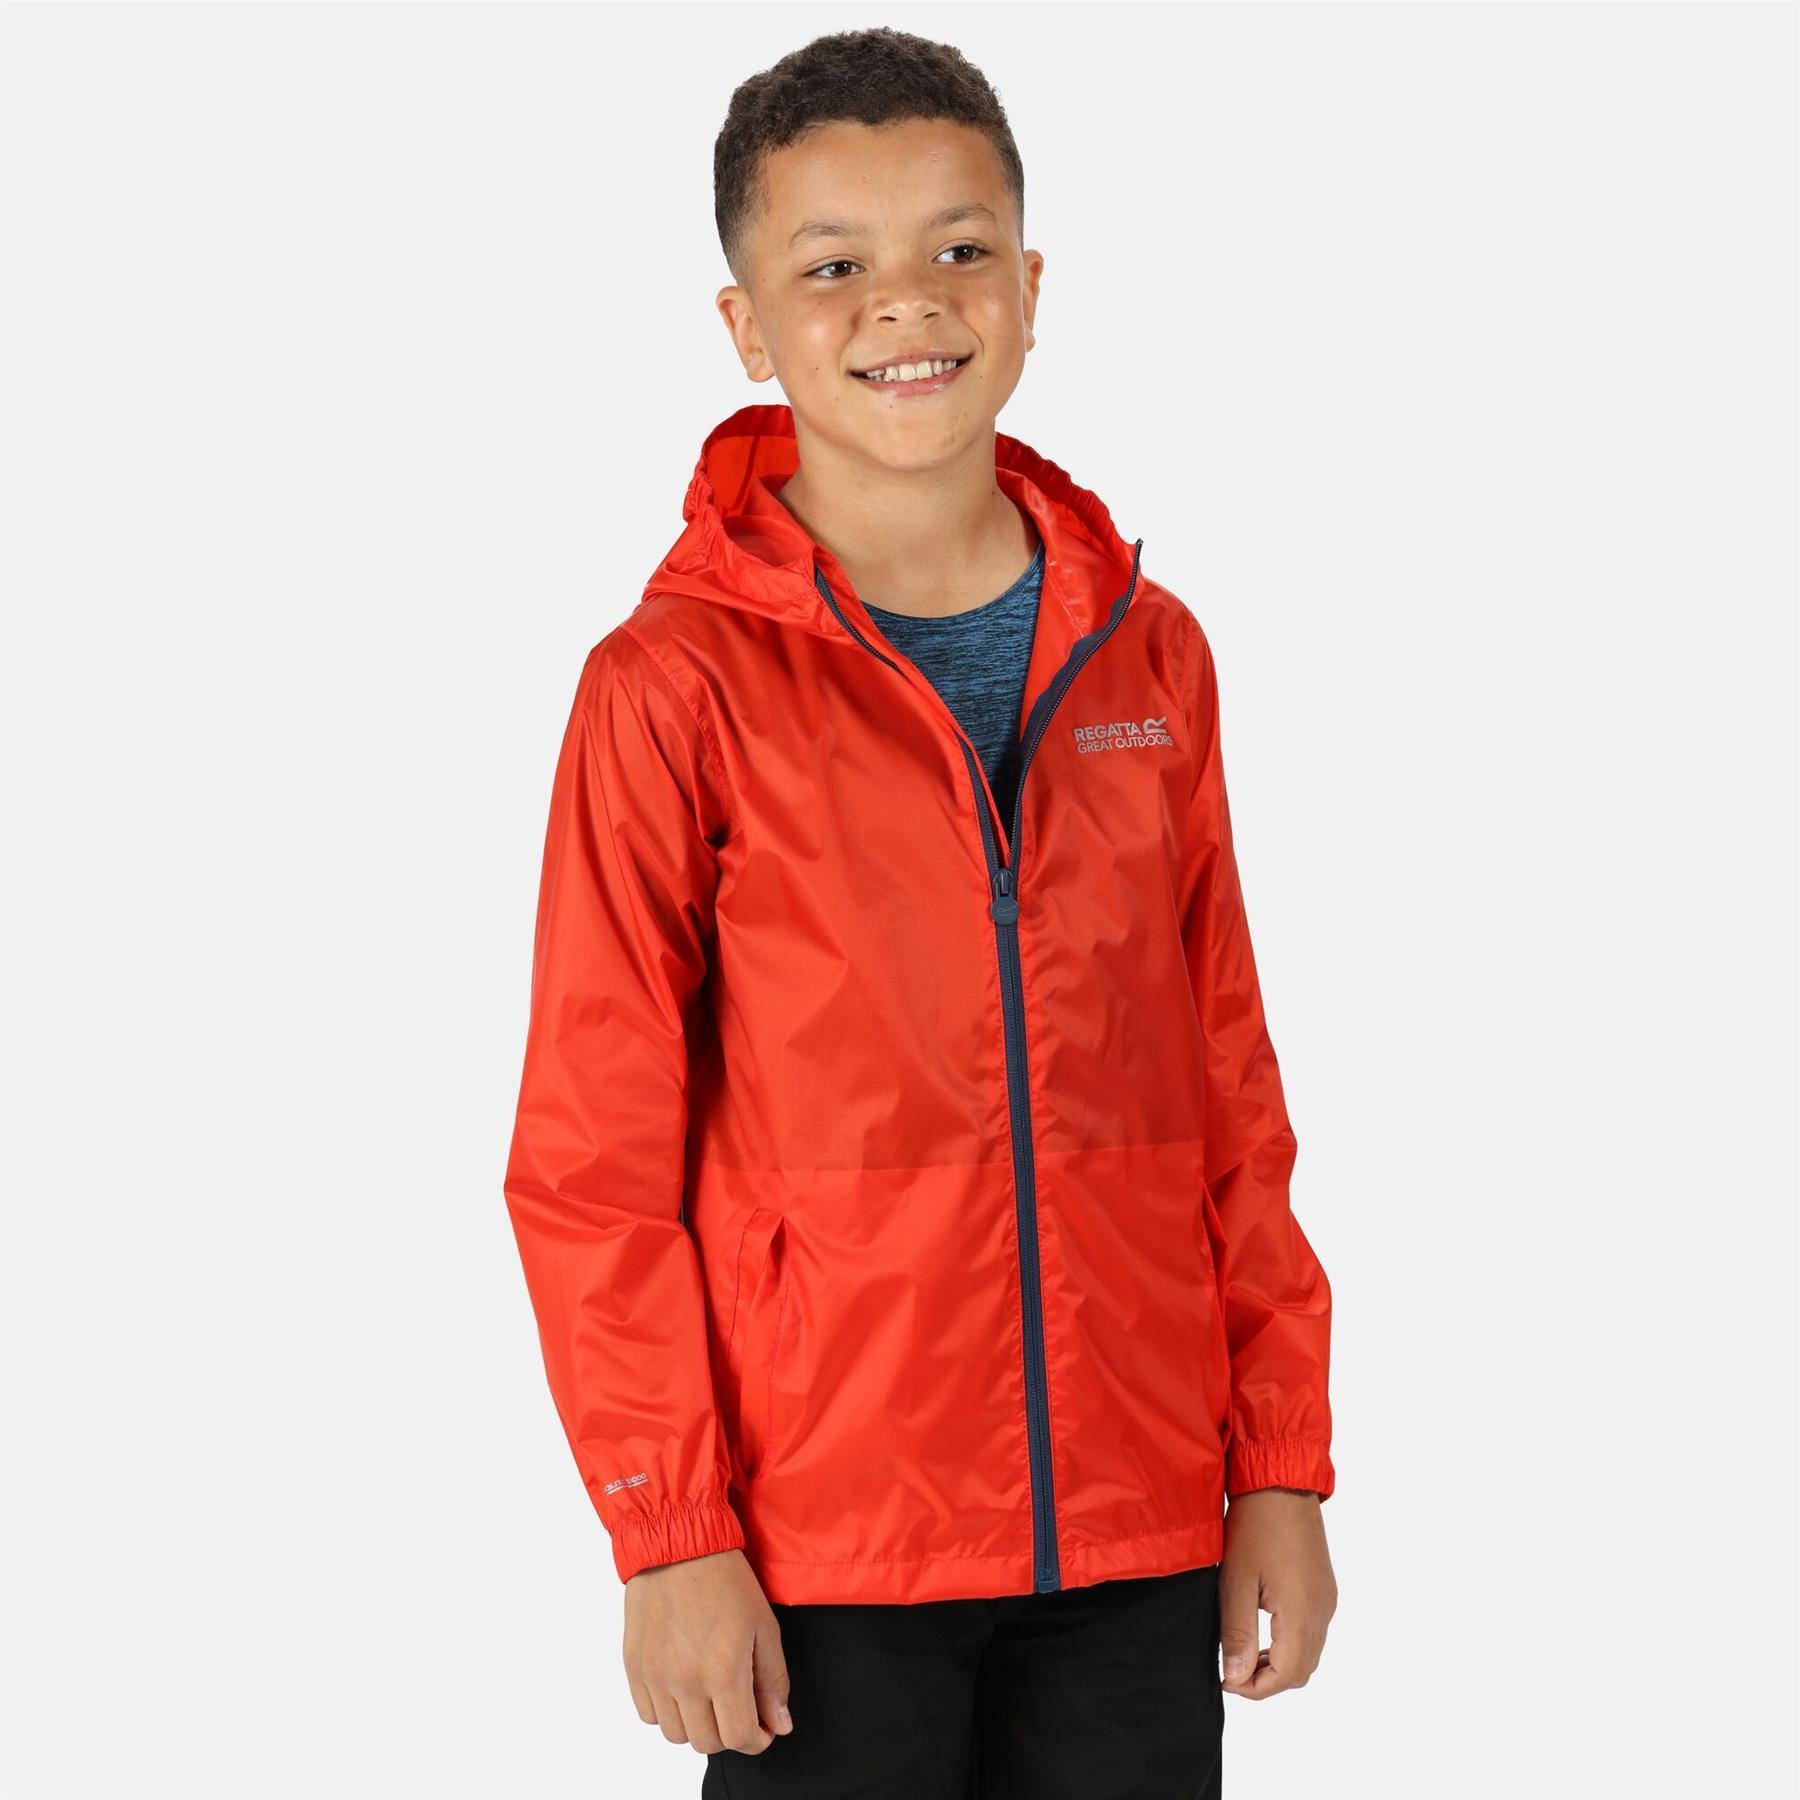 miniatuur 4 - Regatta Kids Pack it Jacket II Lightweight Waterproof Packaway Jacket Boys Girls